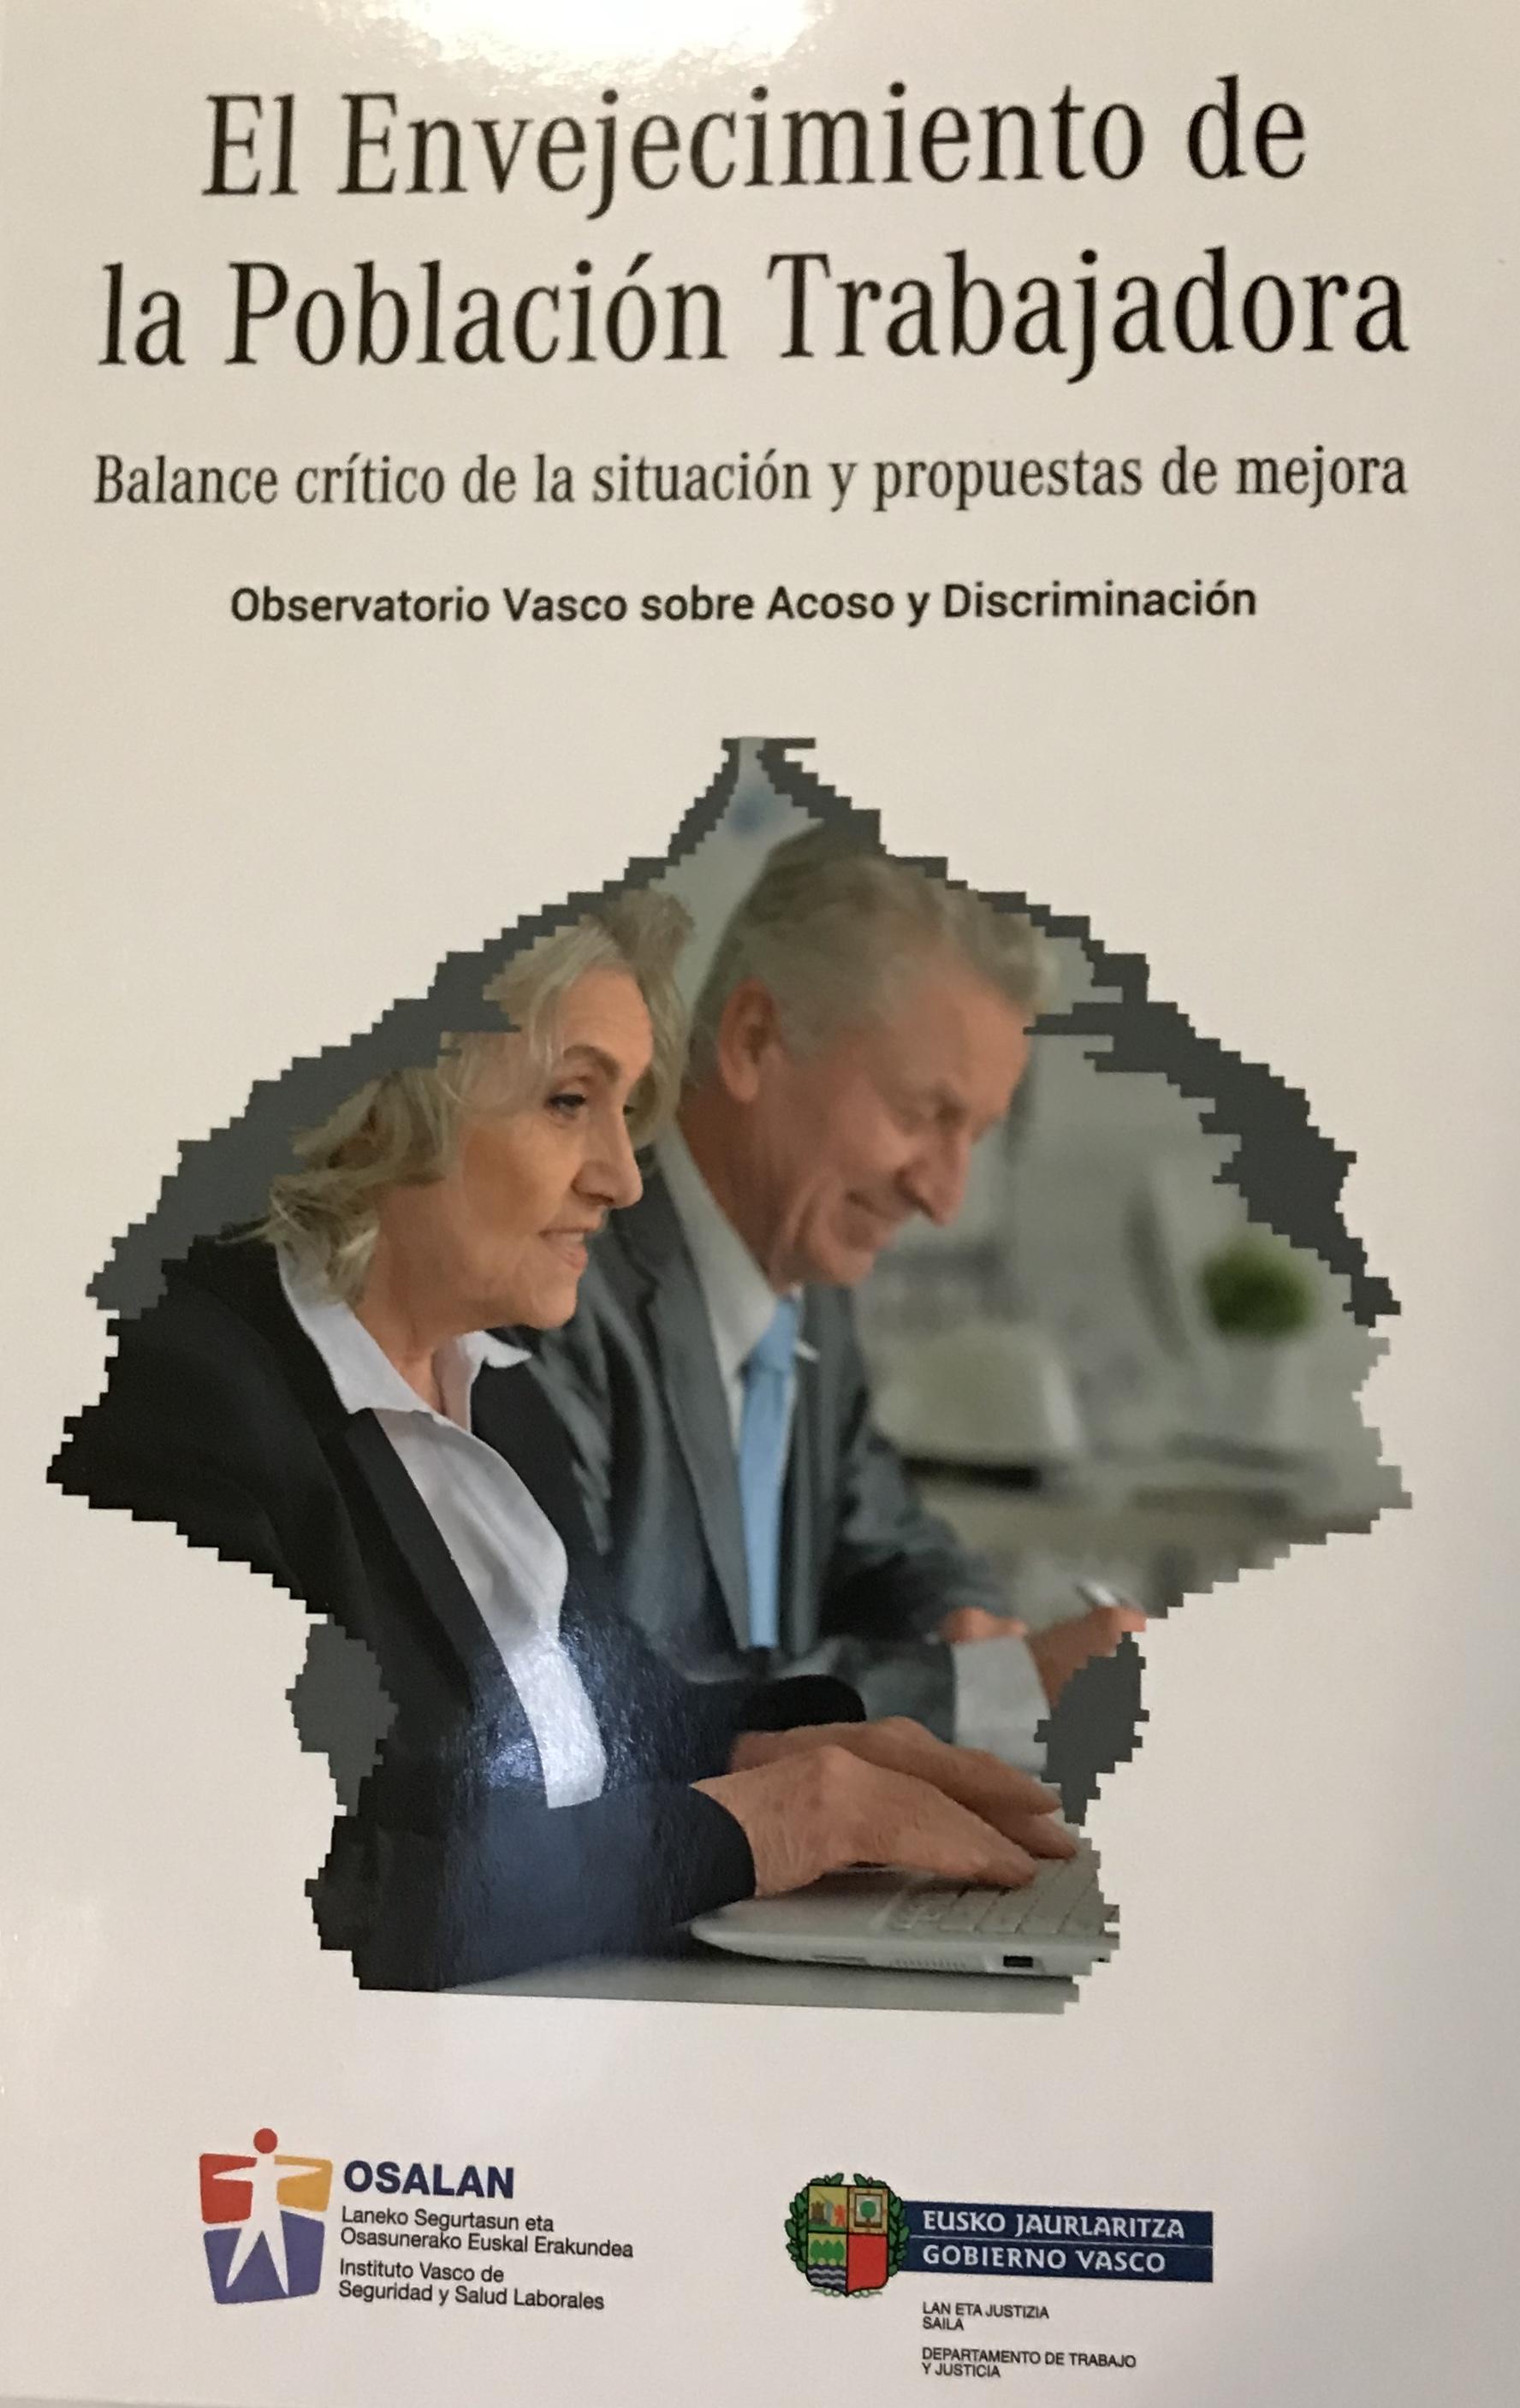 envejecimiento_poblacion_trabajadora_02.jpg